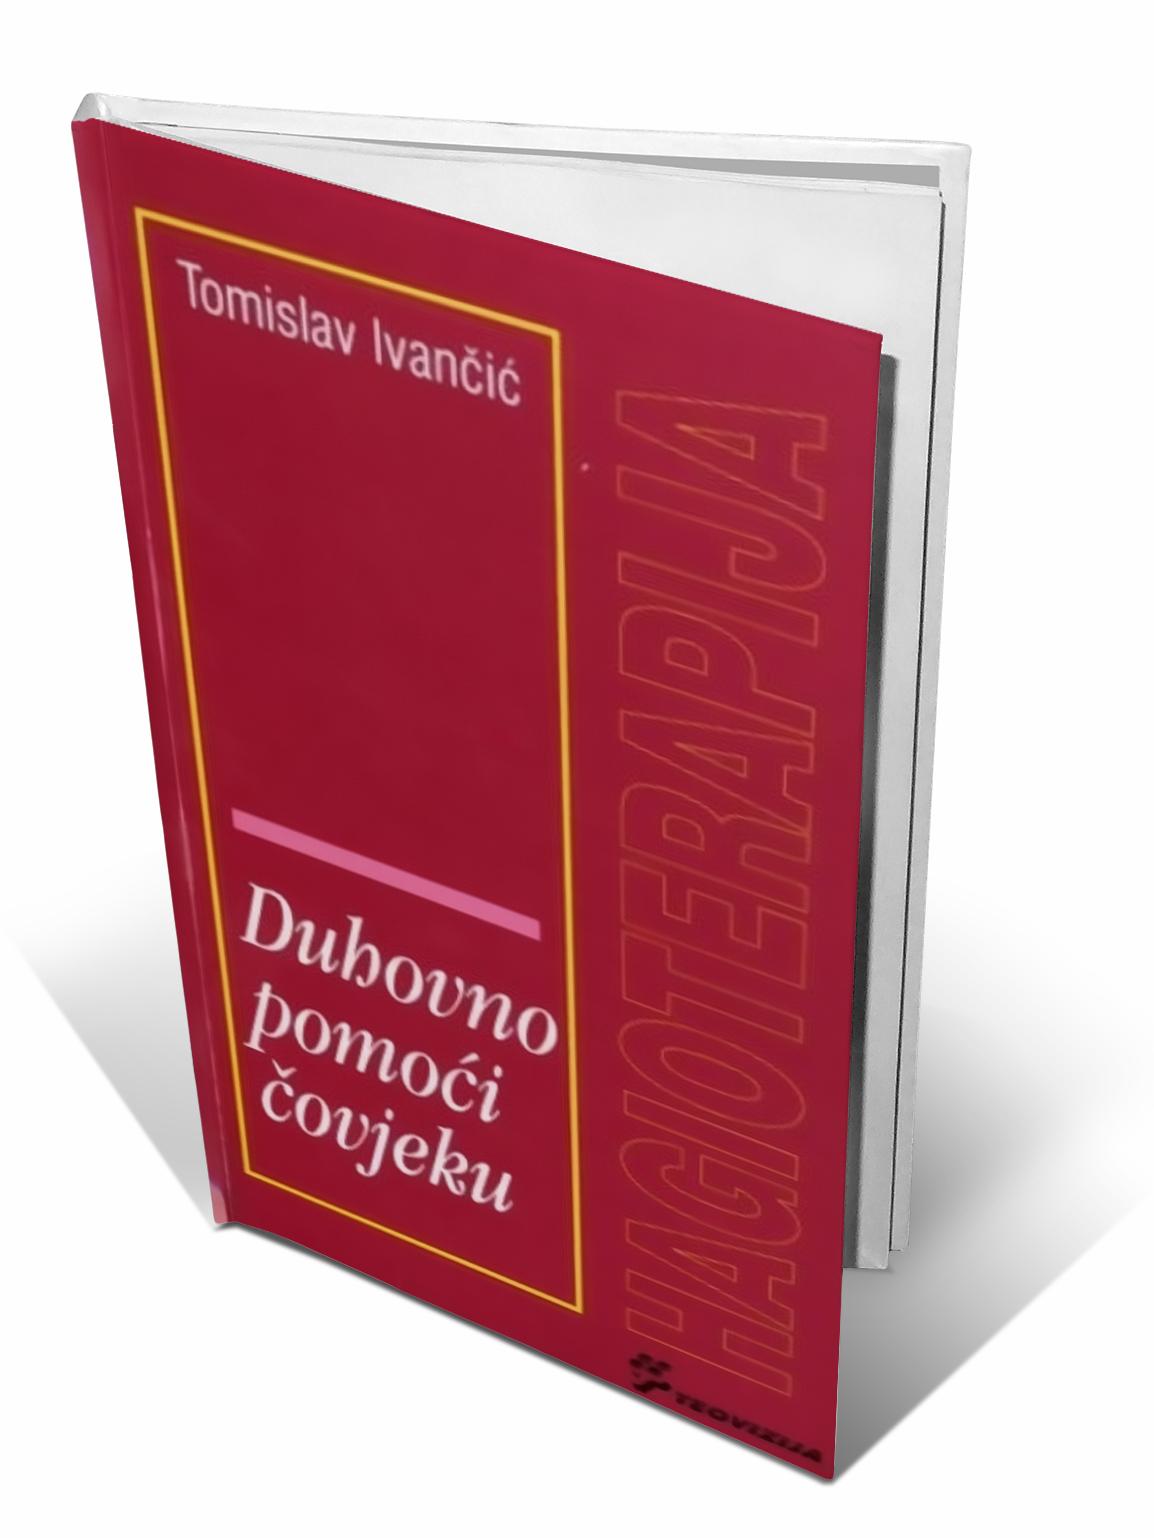 DUHOVNO POMOĆI ČOVJEKU - Tomislav Ivančić